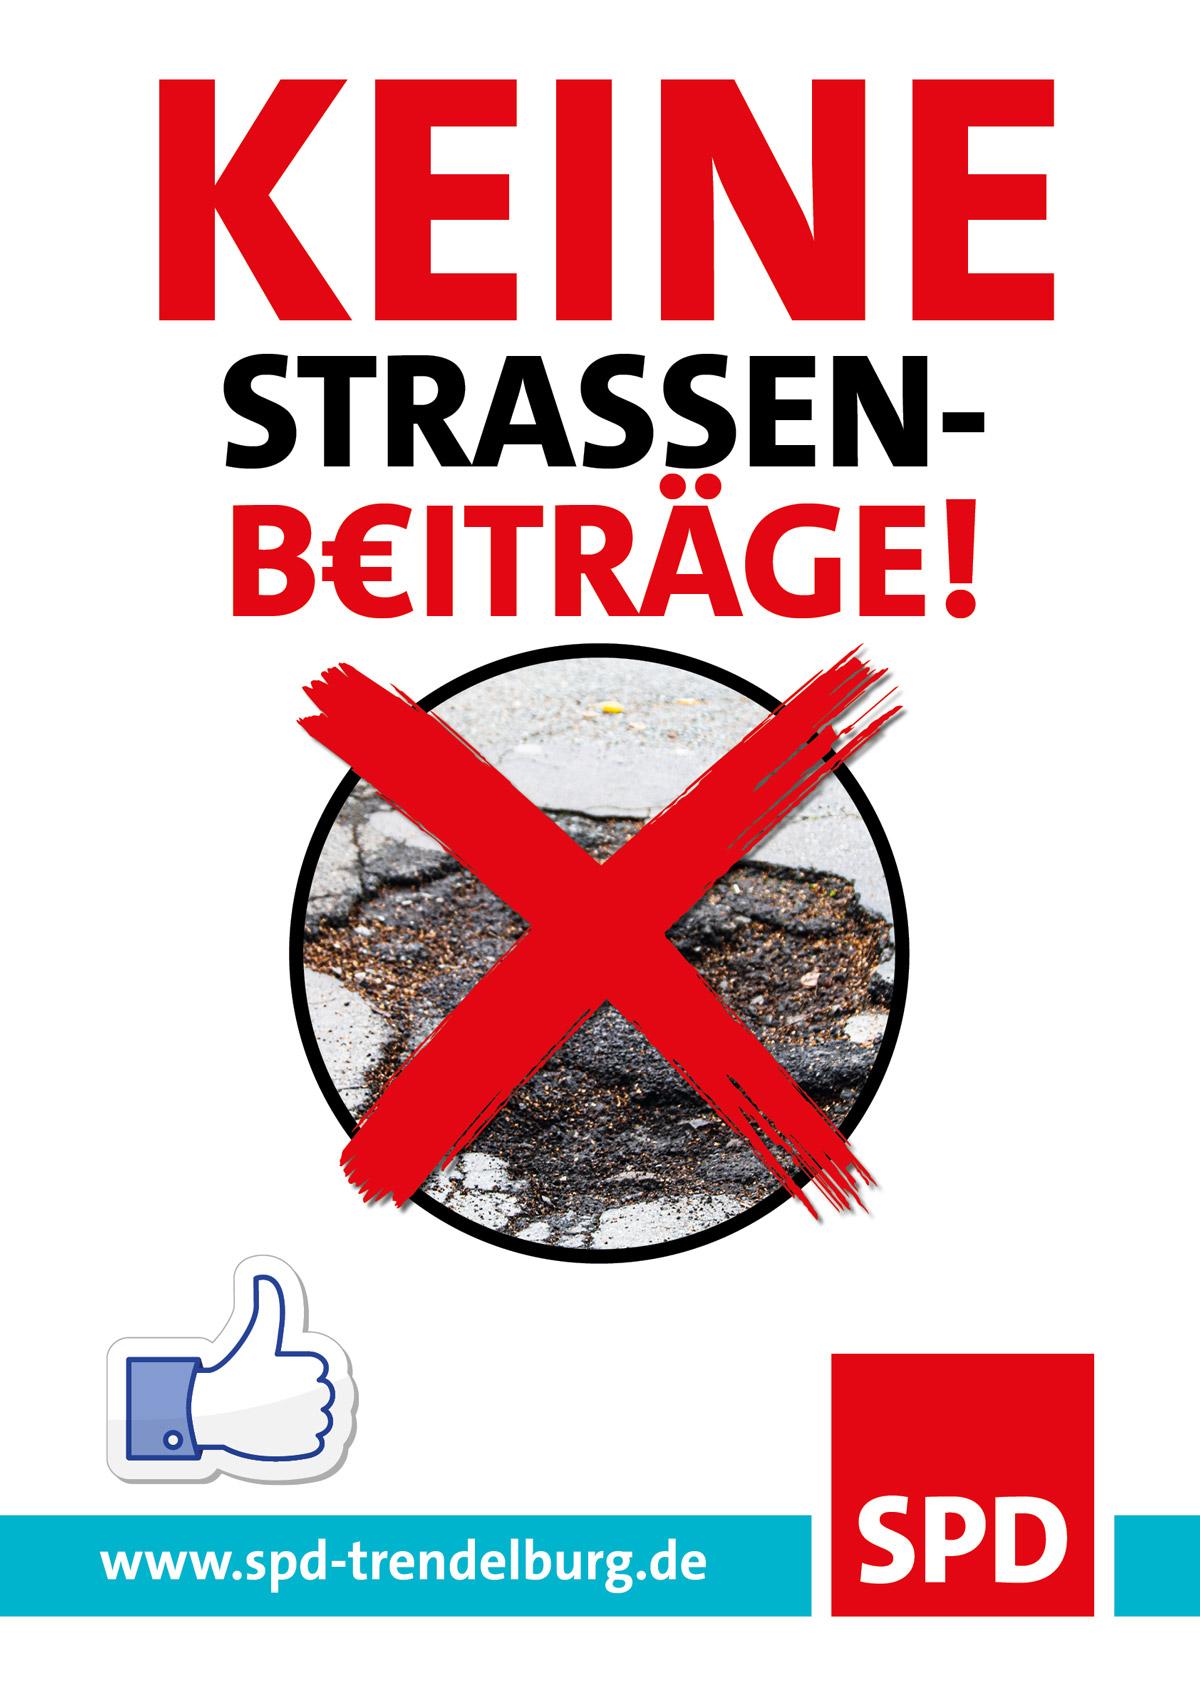 KEINE Straßenbeiträge in Trendelburg